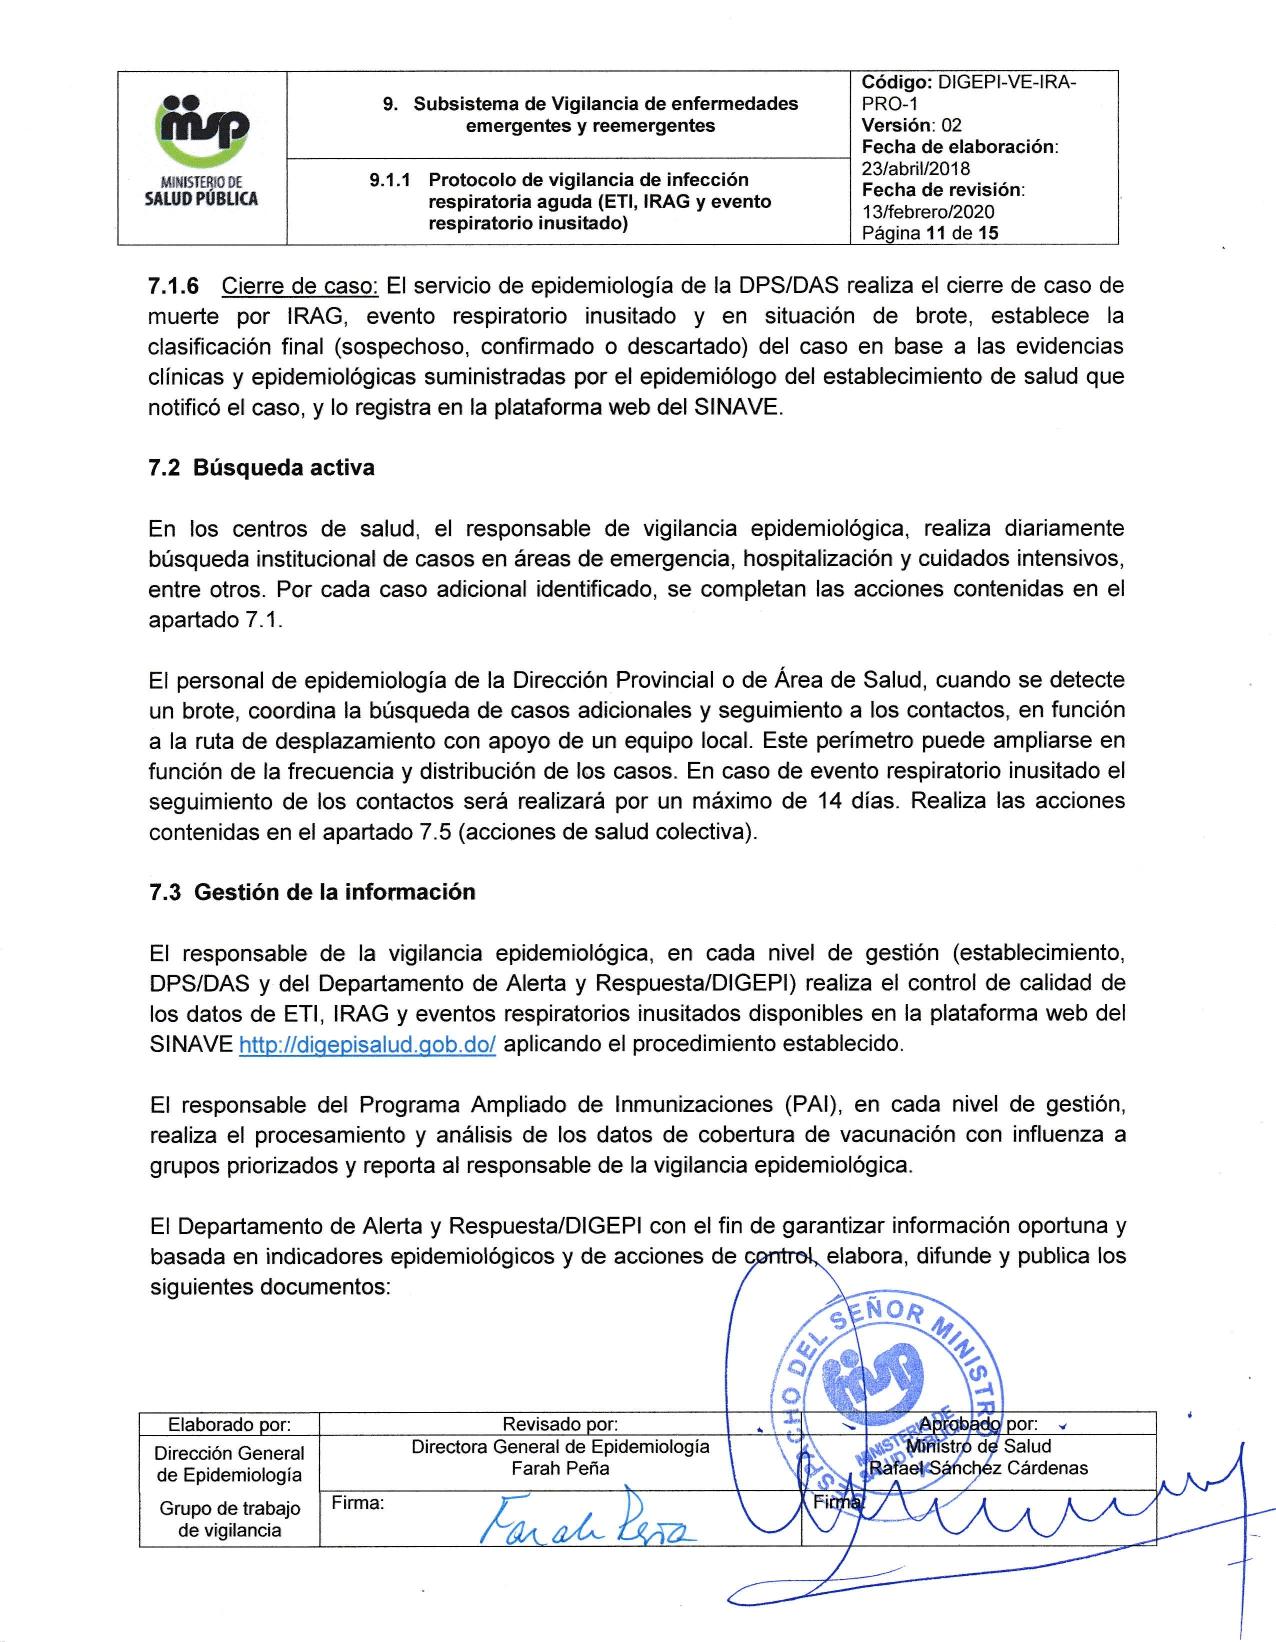 9.1.1. Protocolo Vigilancia Infeccion Respiratoria Aguda (1)_page-0011